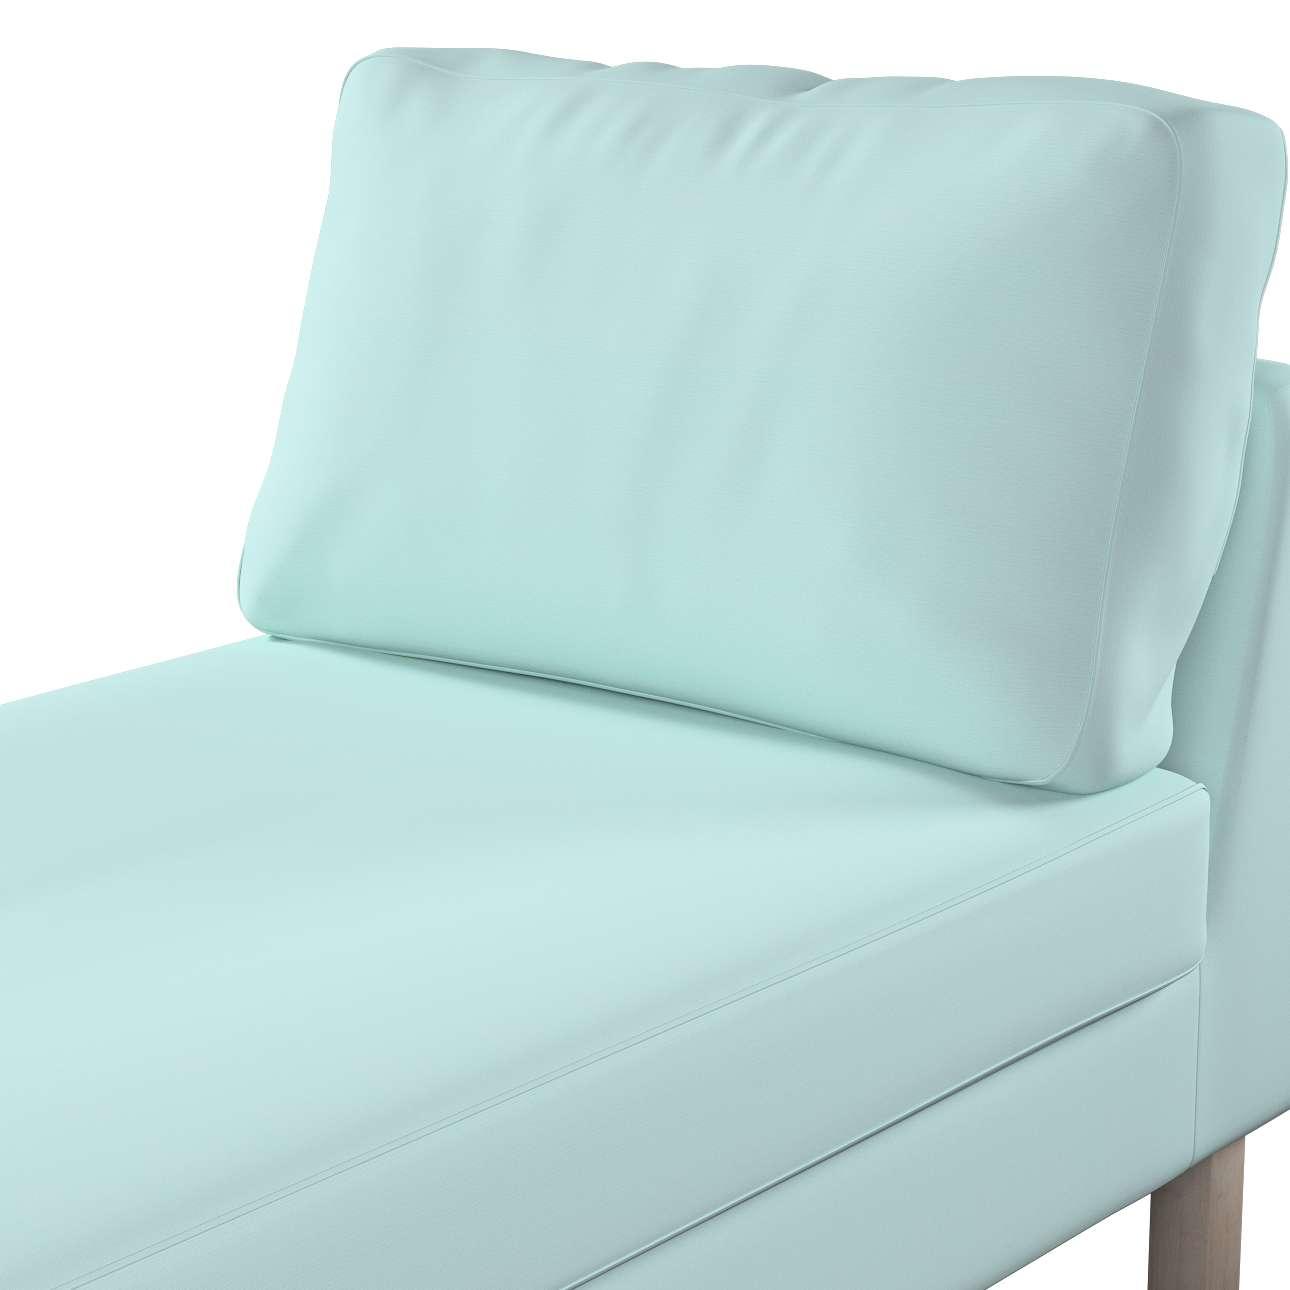 Pokrowiec na szezlong Karlstad wolnostojący, krótki w kolekcji Cotton Panama, tkanina: 702-10